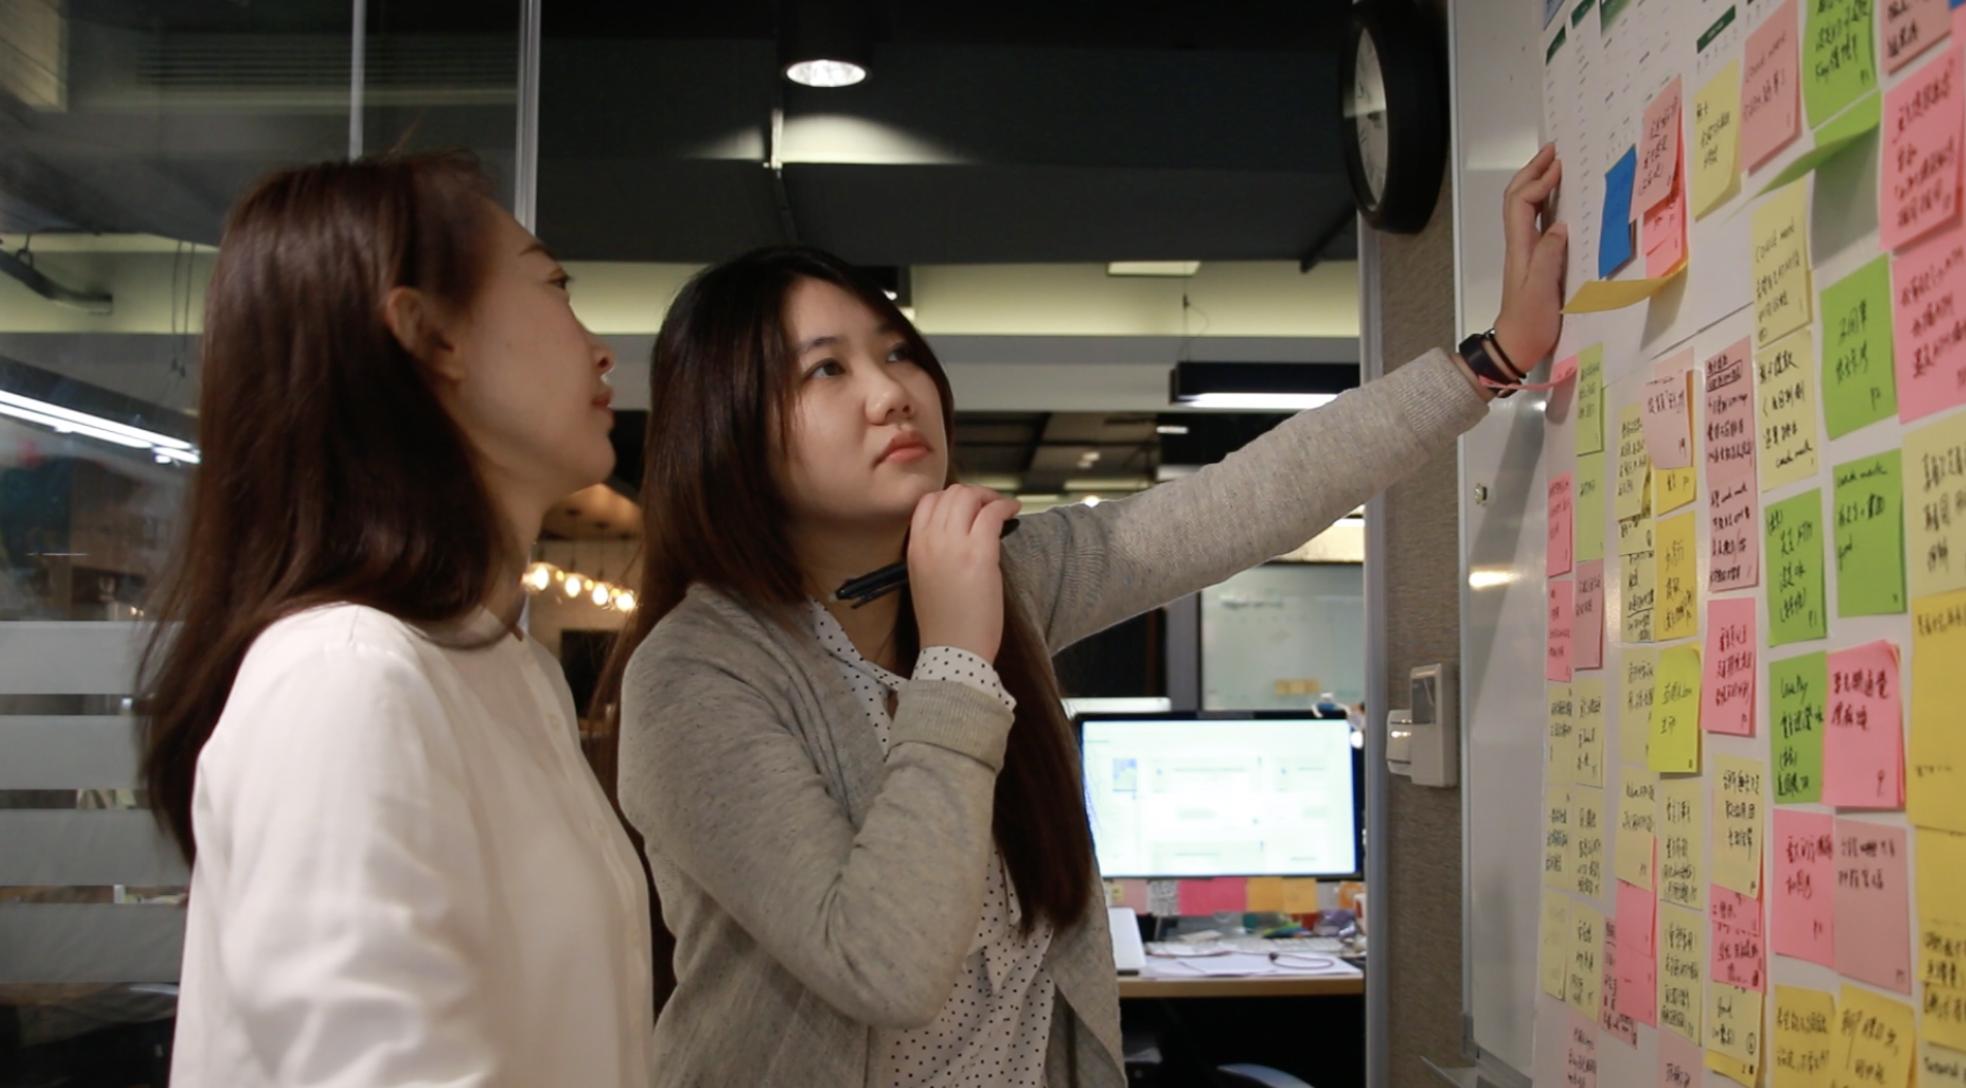 賈伯斯時間 - 職場達人的一天「UX/UI Designer」大予創意設計